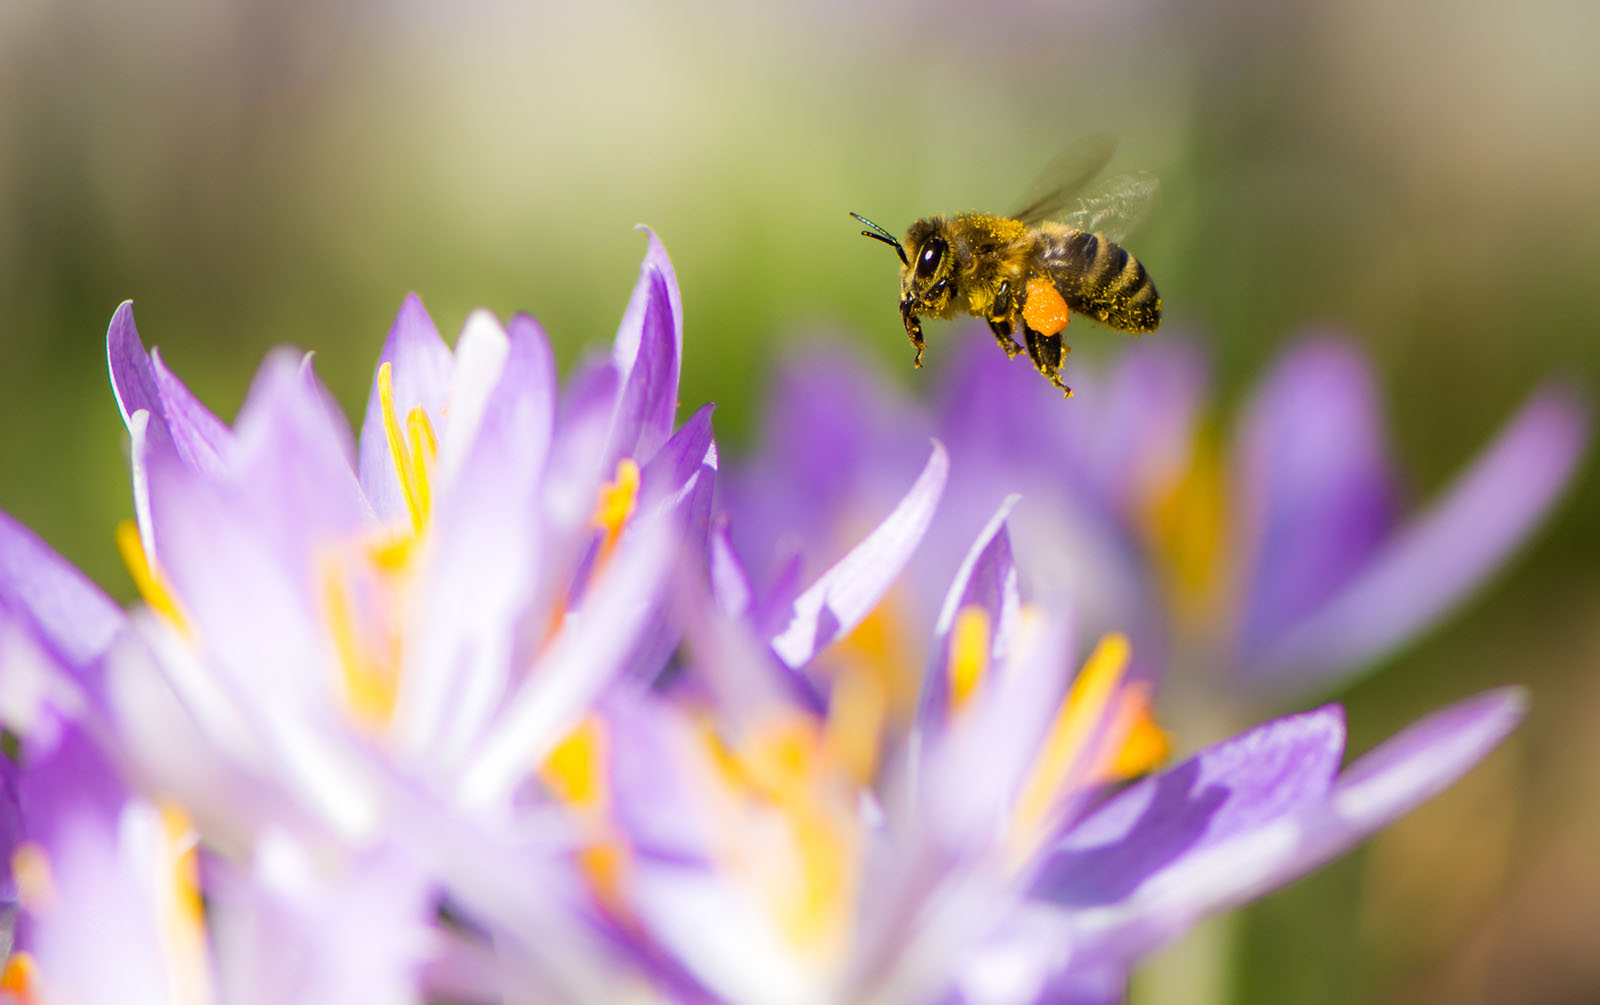 Elsker blomsterne jeg jeg bierne elsker Markblomsterbed til